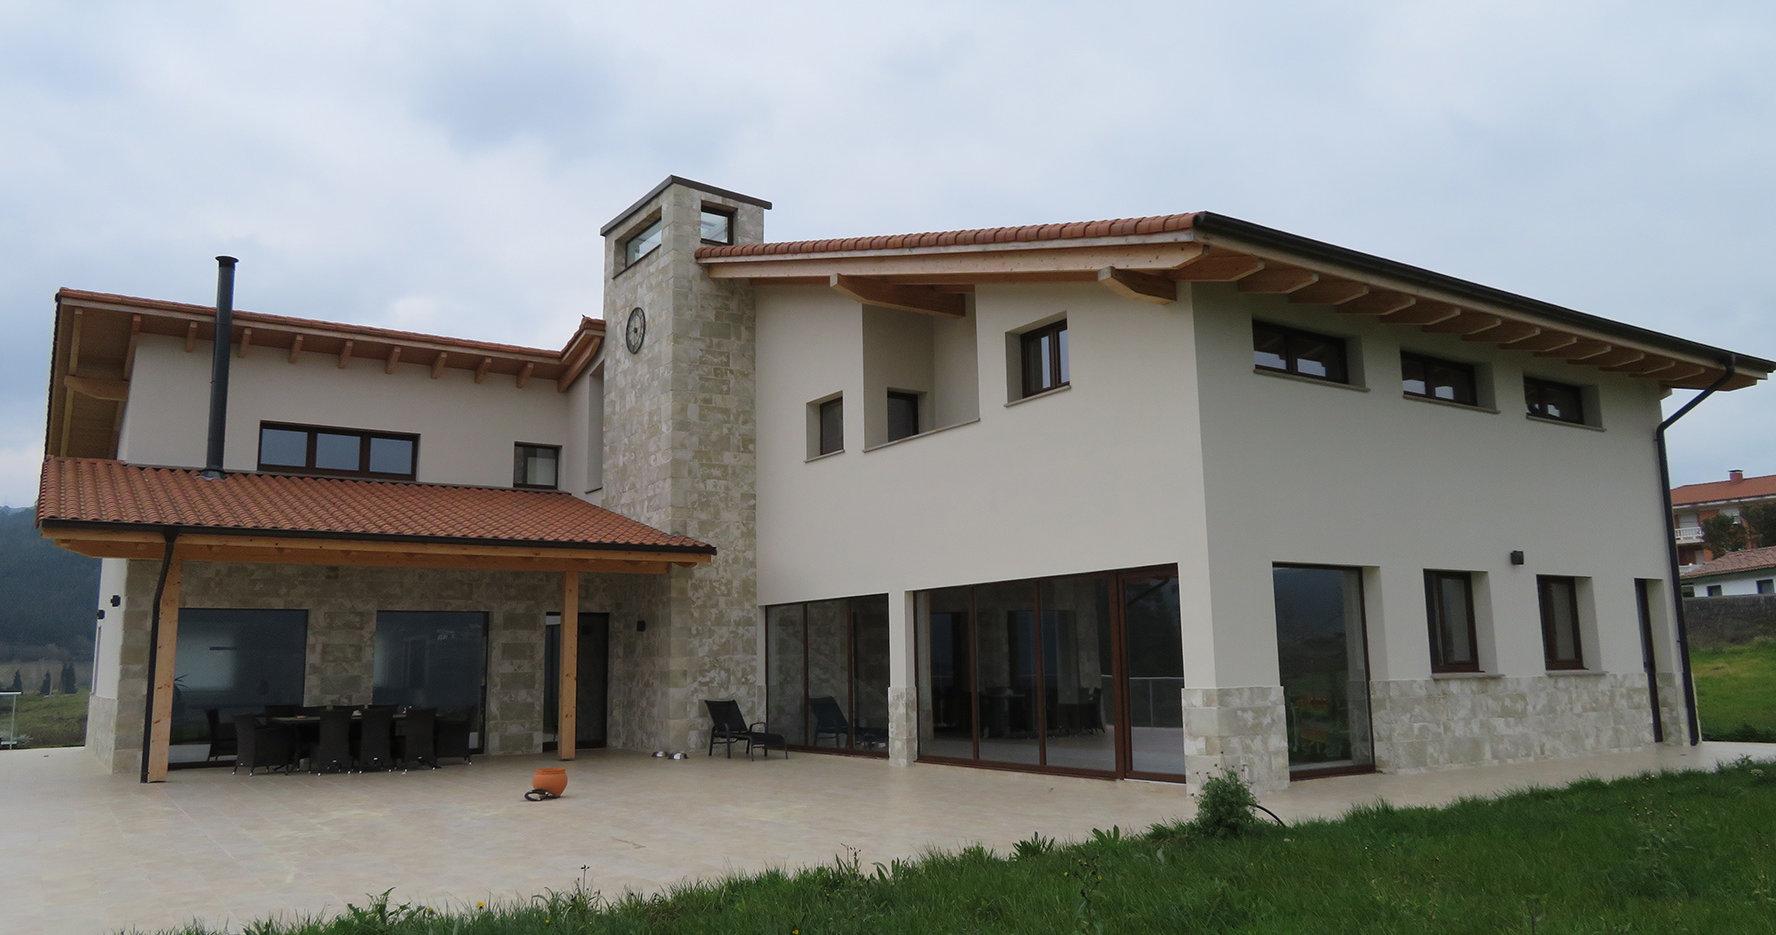 Aerotermia y energía solar para una vivienda unifamiliar en el entorno de Urdaibai